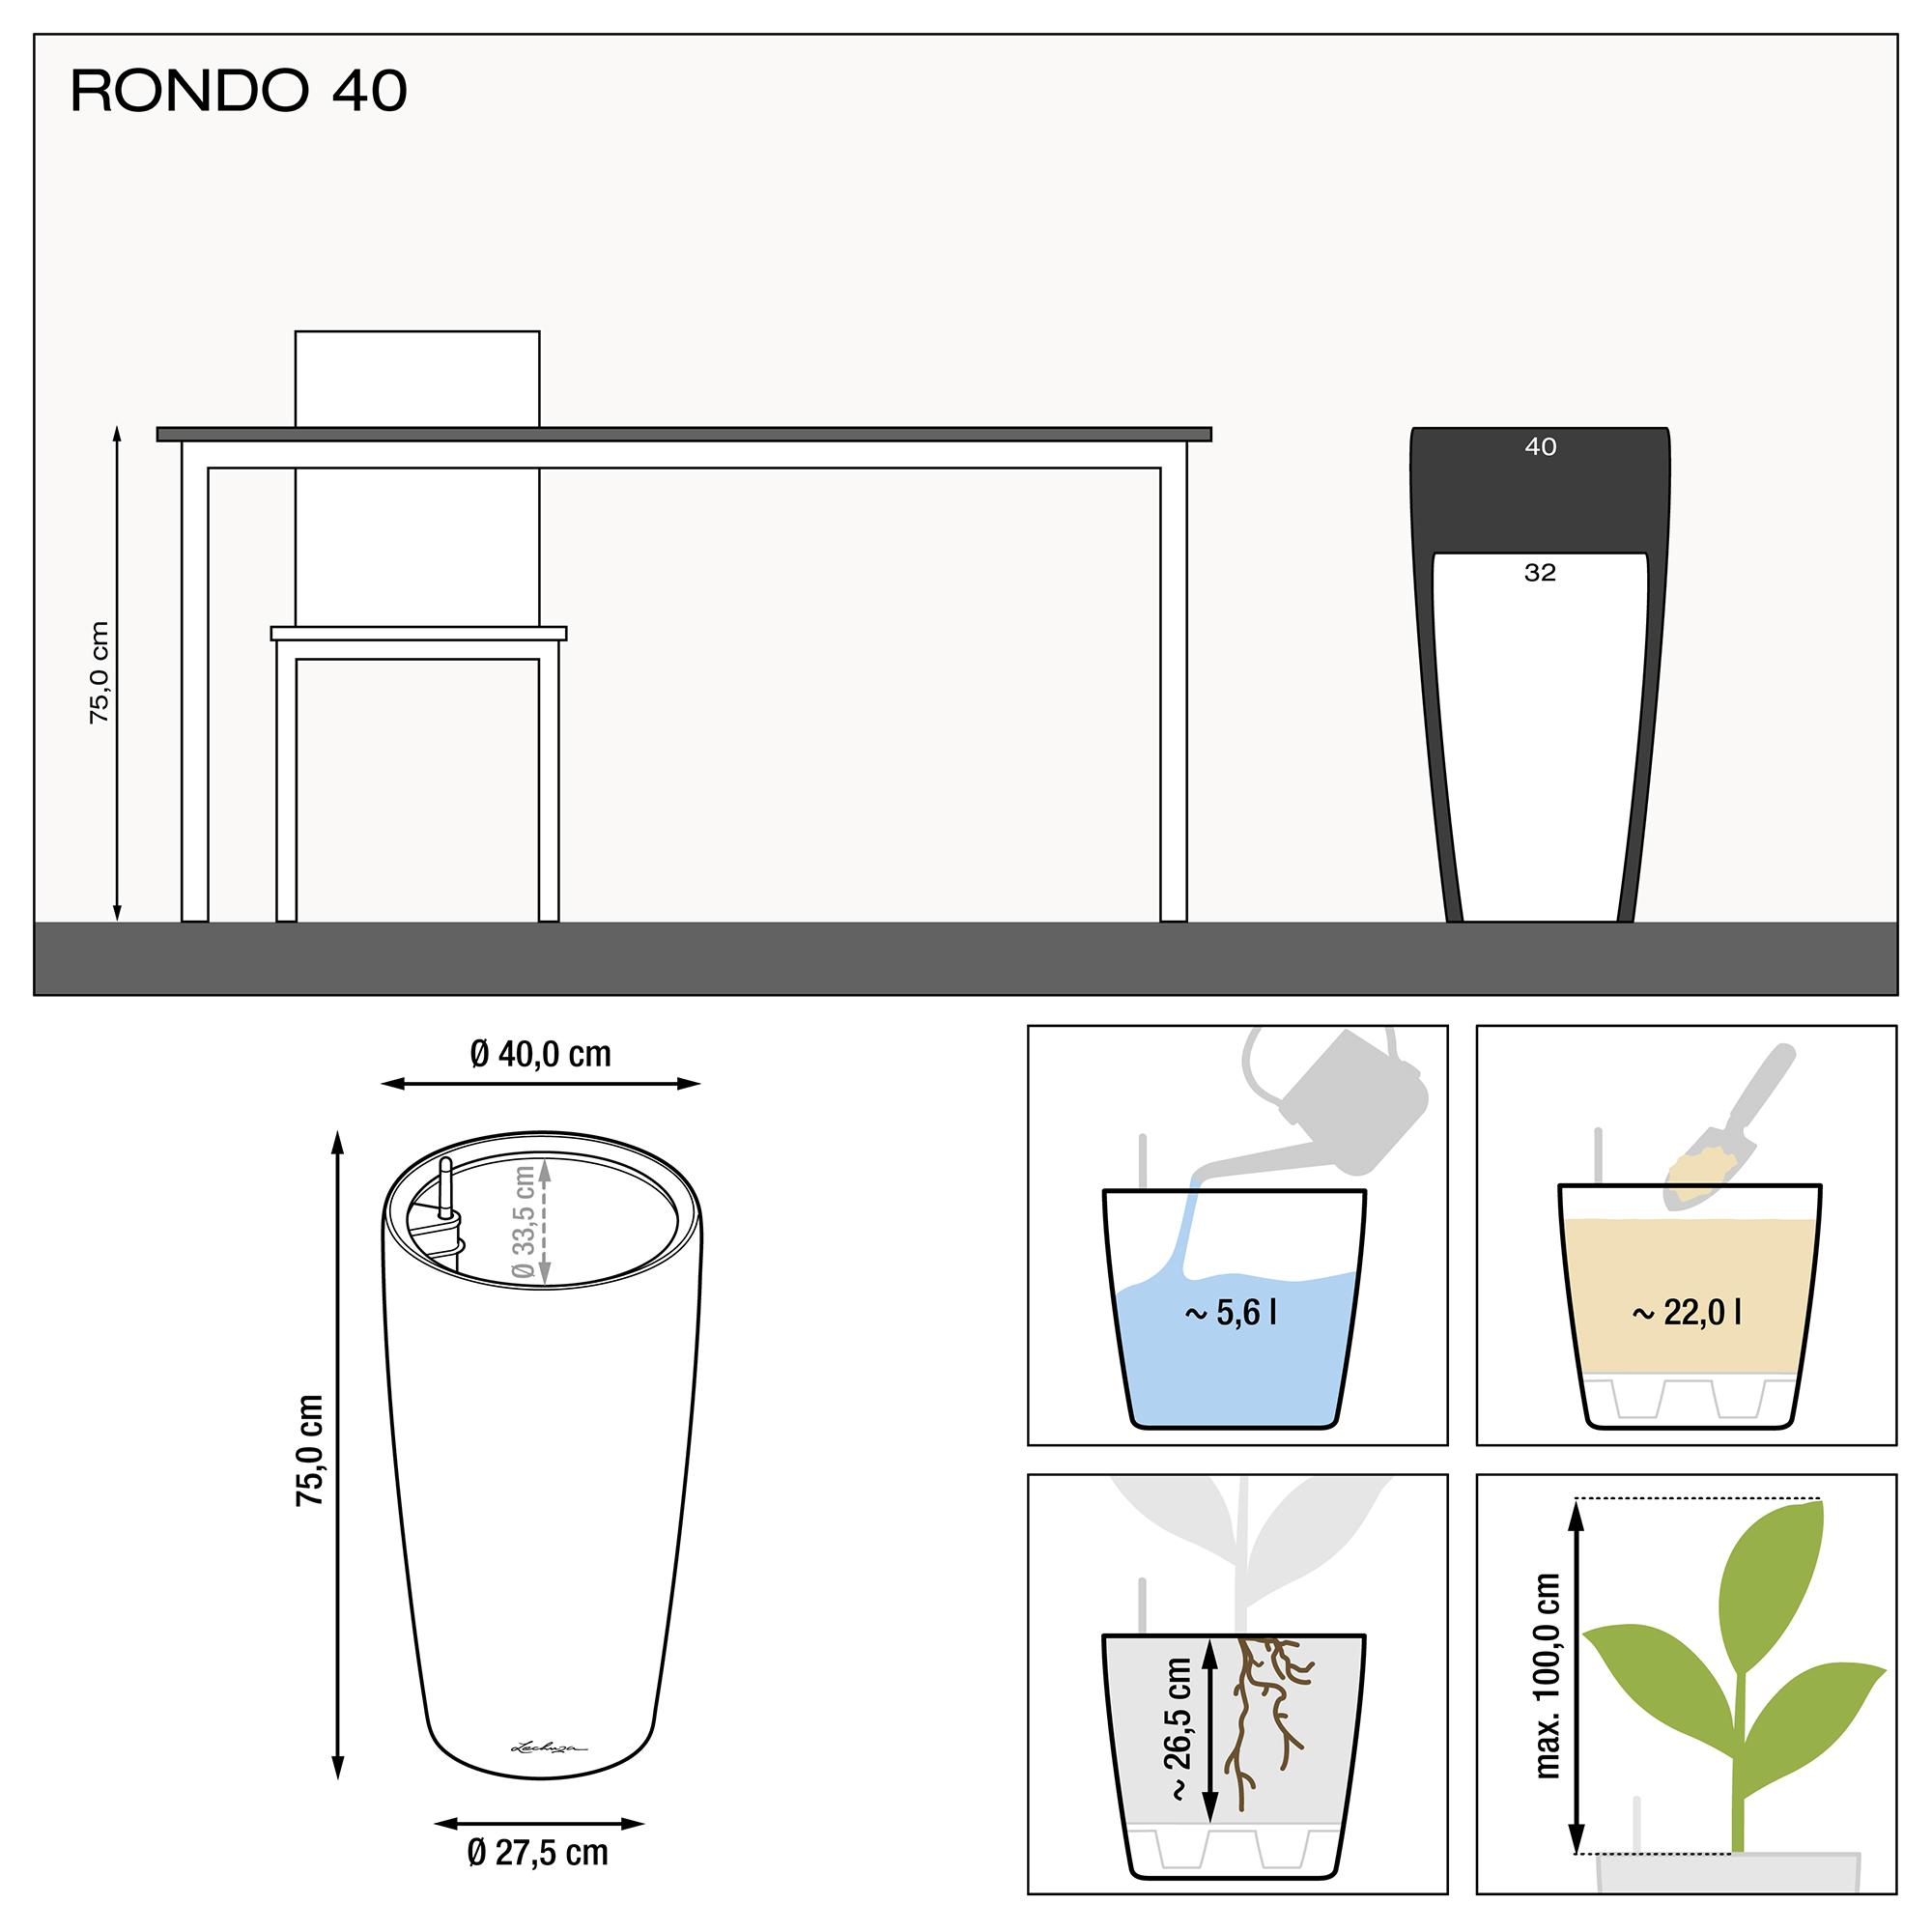 le rondo40 product addi nz le rondo40 product addi 01 le rondo40 product addi 02 le rondo product addi 01 le rondo product addi 02 [ 1920 x 1920 Pixel ]